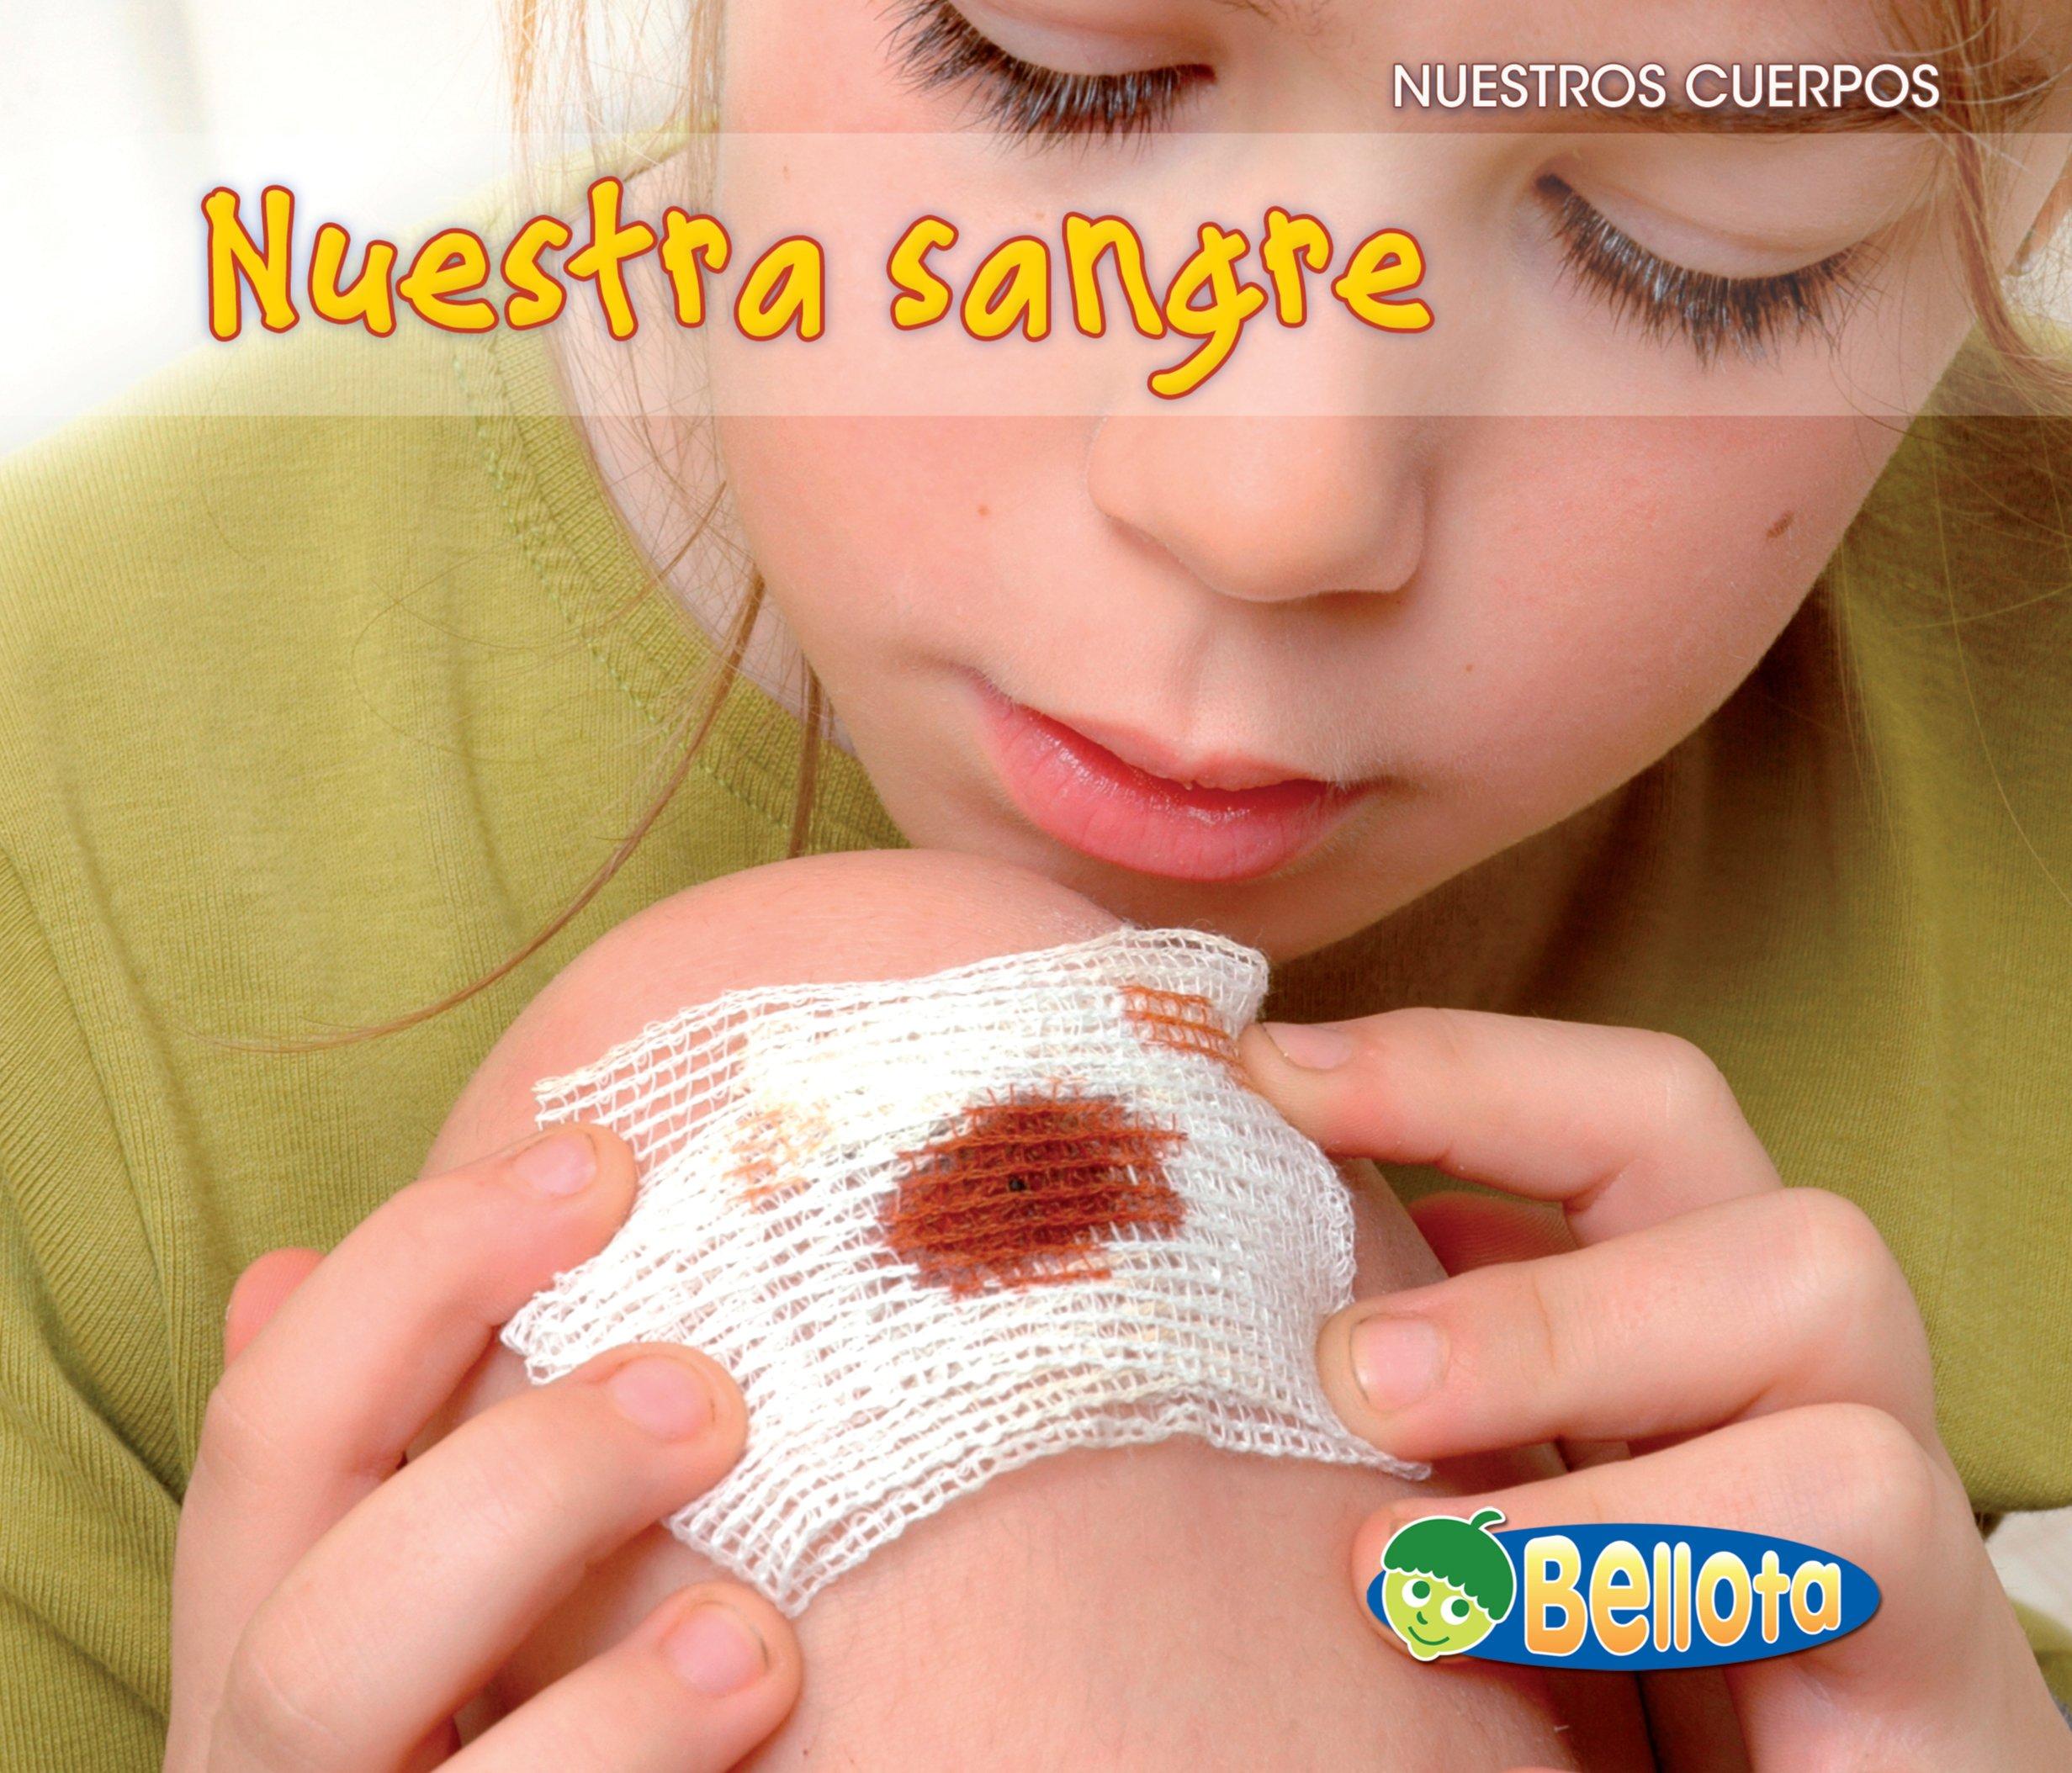 Nuestra sangre (Nuestros cuerpos) (Spanish Edition) by Brand: Heinemann